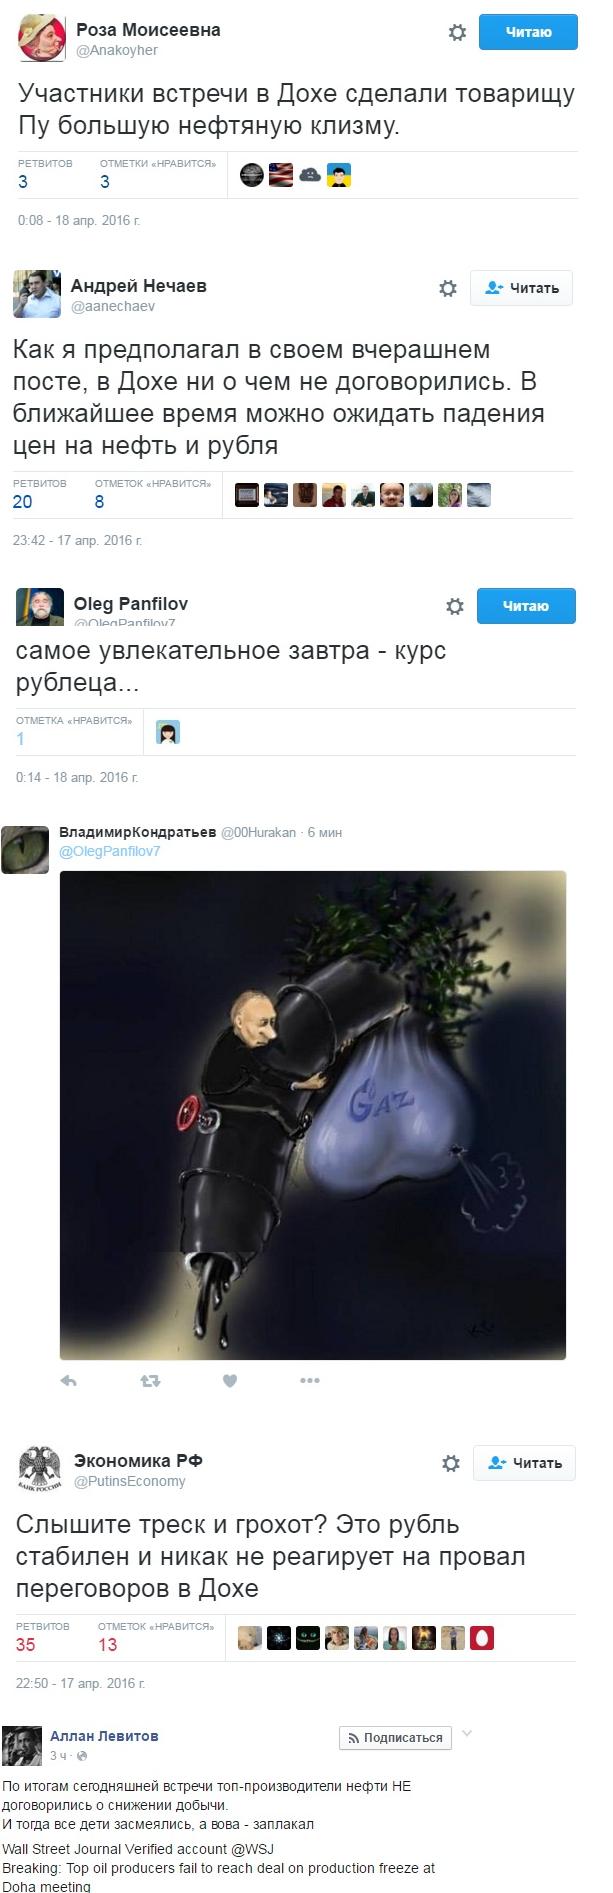 """Путин что-то мямлил на """"Прямой линии"""". Он проявляет подлость по отношению к русским людям, - террорист Гиркин - Цензор.НЕТ 2055"""